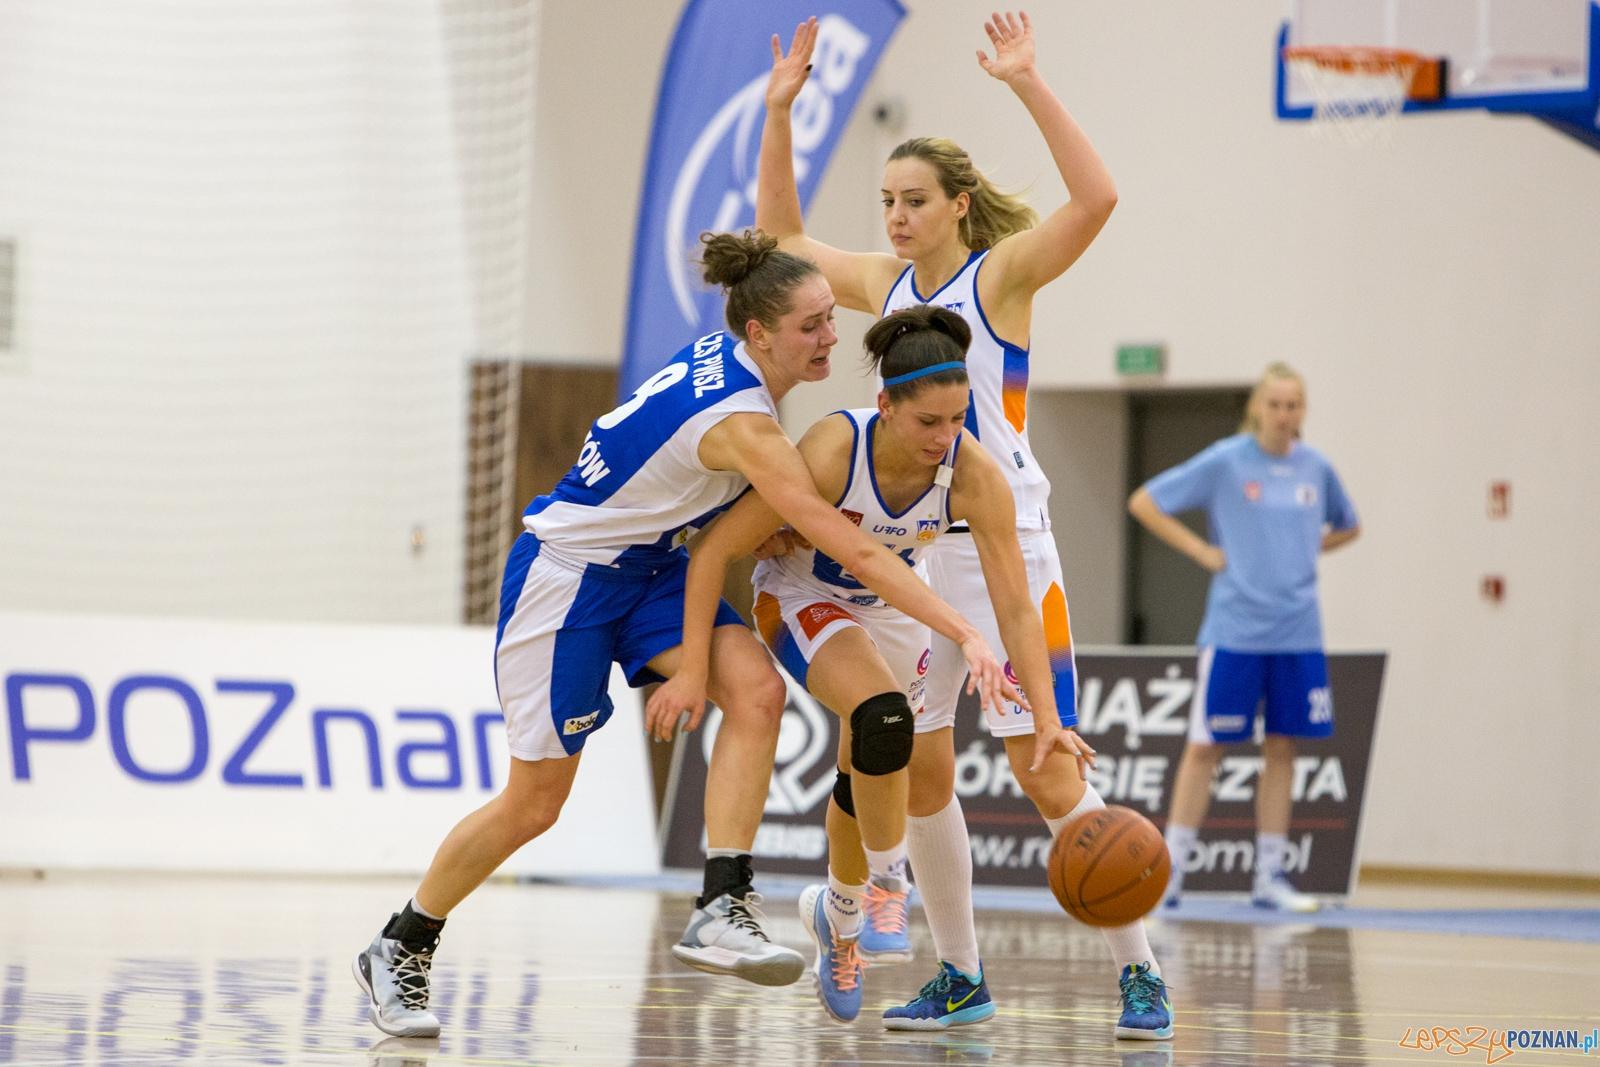 1 liga Kobiet Enea AZS Poznań - AZS PWSZ II Gorzów  Foto: lepszyPOZNAN.pl / Piotr Rychter